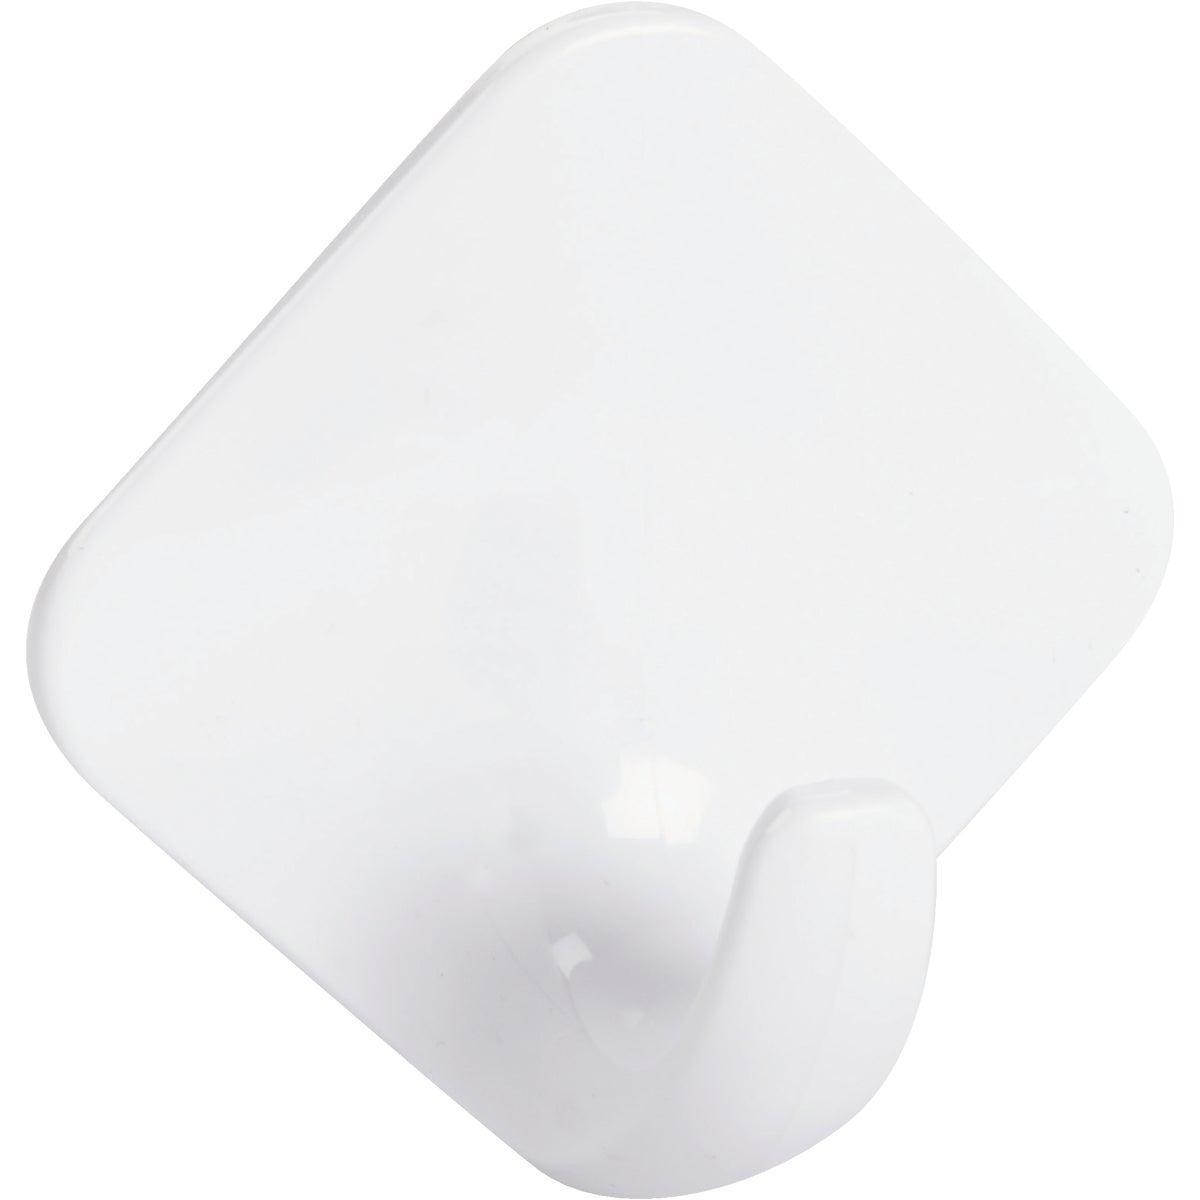 Diamond Adhesive Hook, 16001